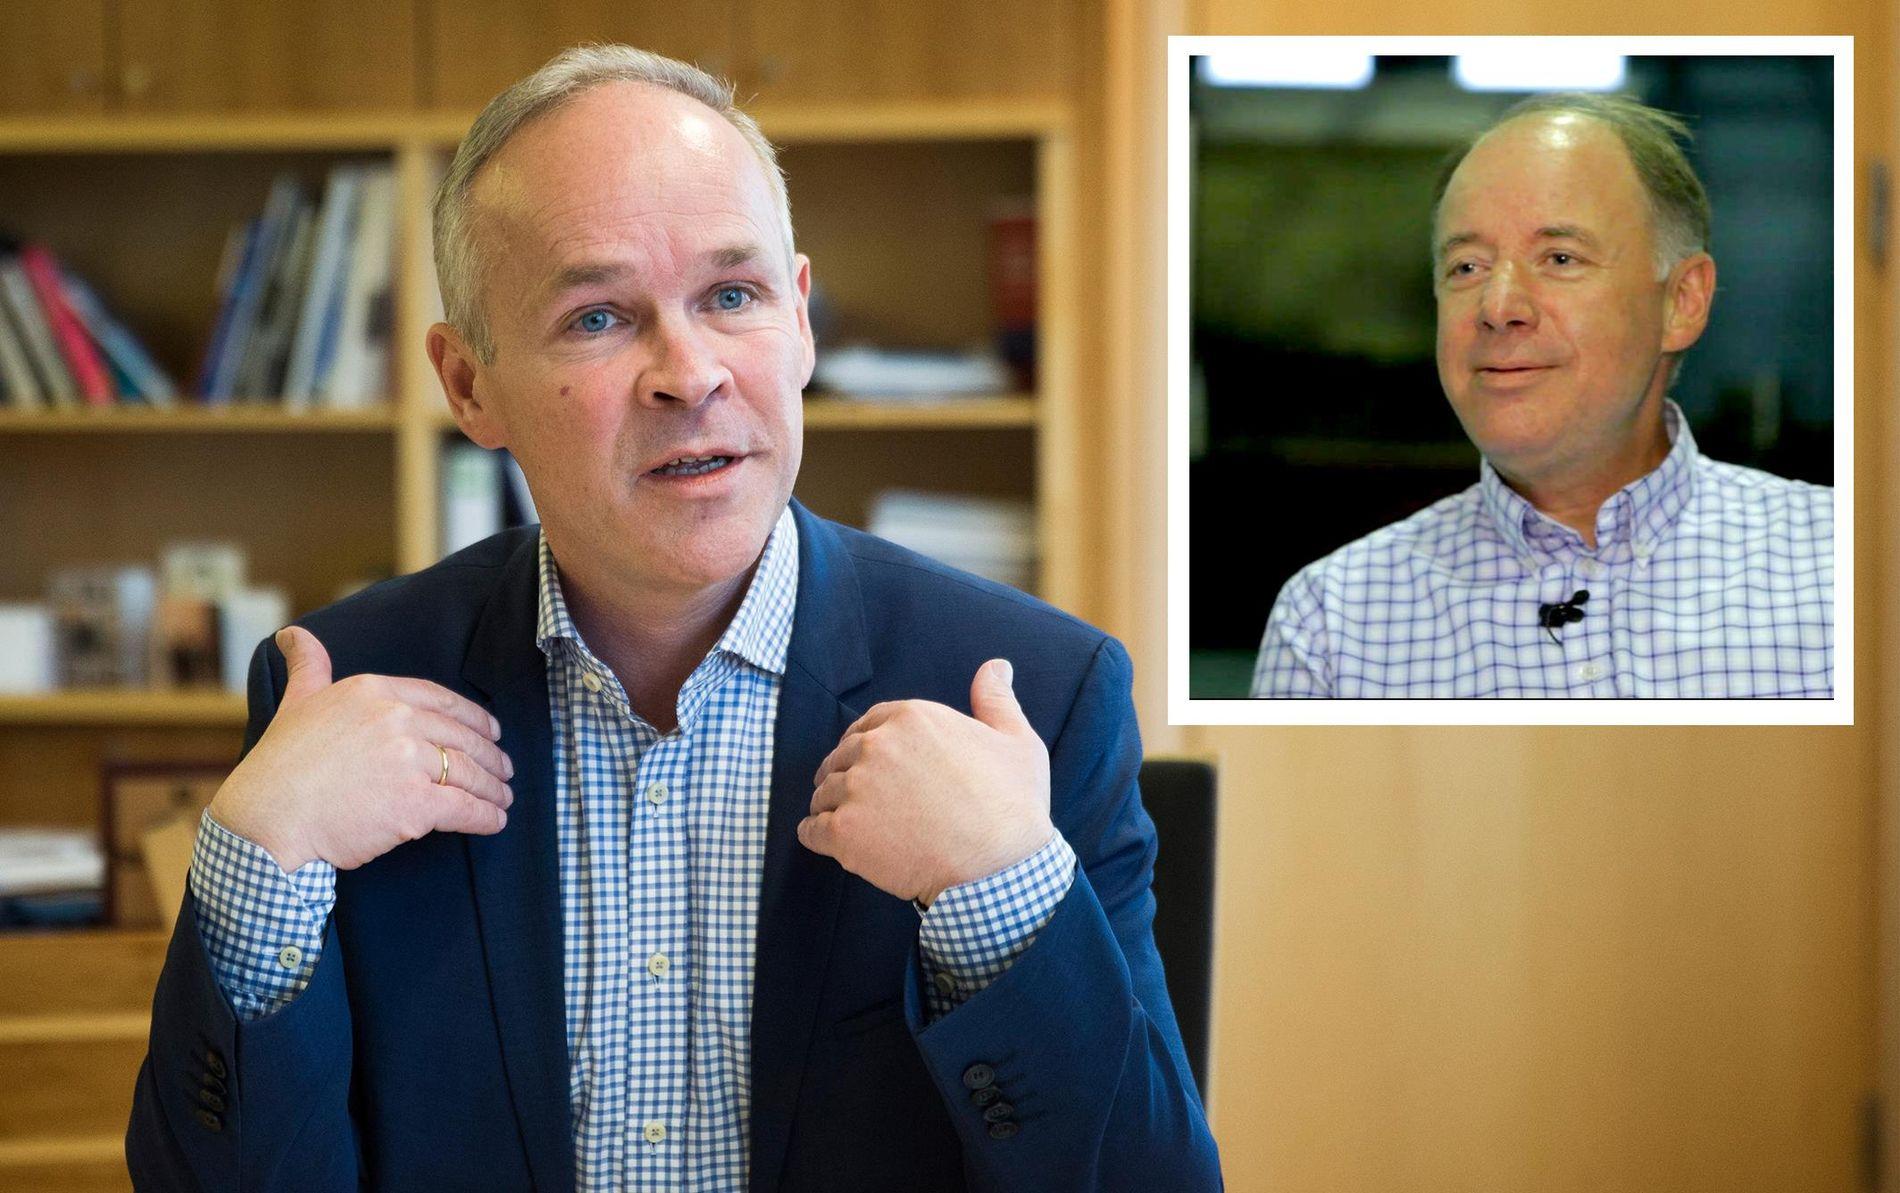 SLAKTER KOMMUNEREFORMEN: Ordfører i Sel kommune Dag Erik Pryhn (Ap) (t.h.) har liten tro på at regjeringen og kommunalminister Jan tore Sanner (H) (t.v.) klarer å samle Kommune-Norge ved frivillighet.